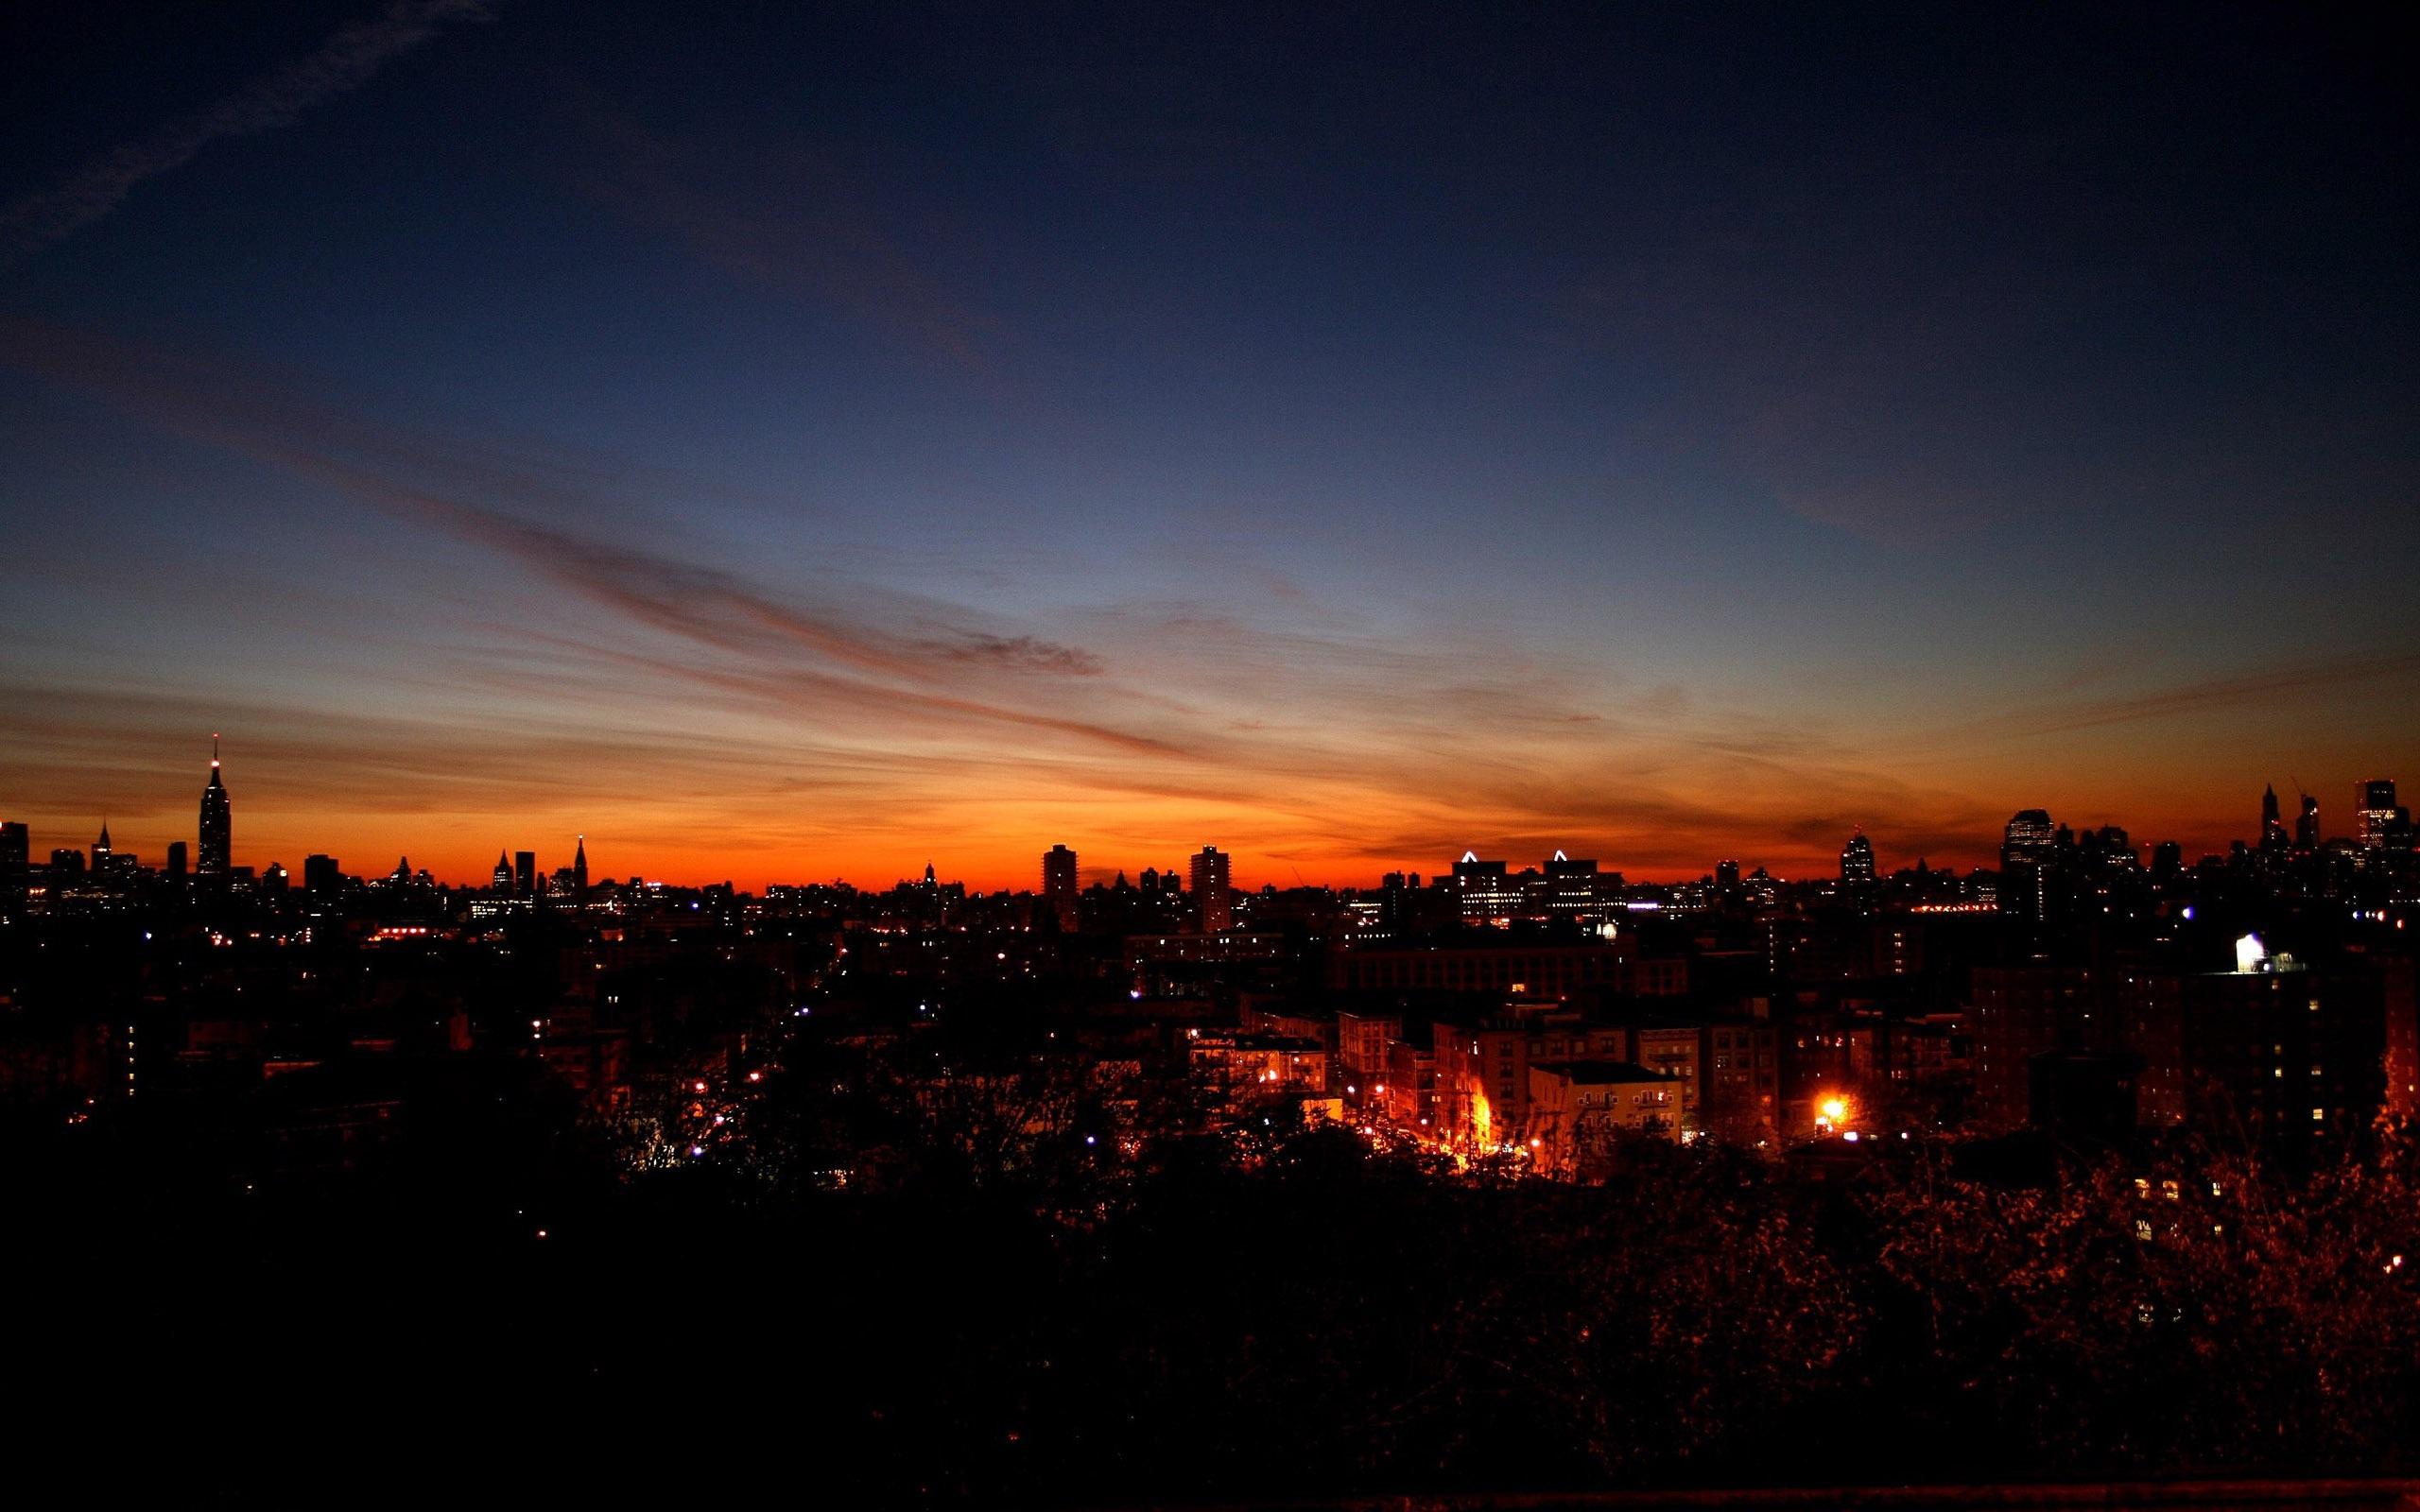 壁纸 夜晚的城市天空 2560x1600 HD 高清壁纸, 图片, 照片